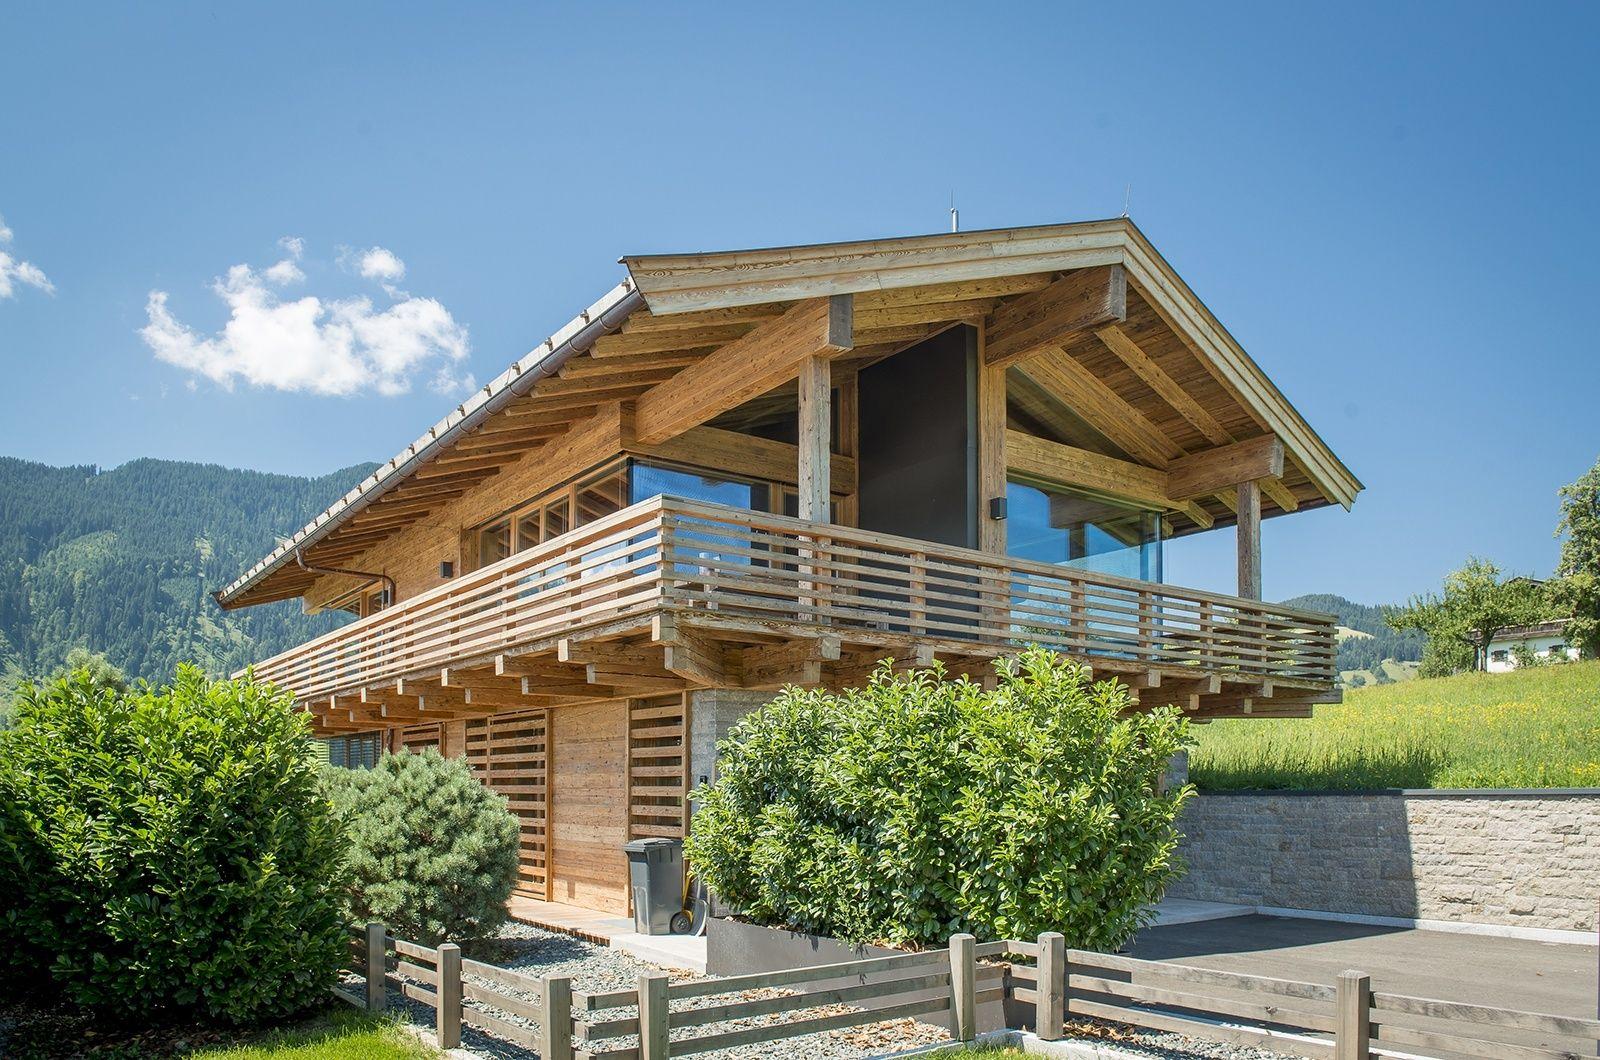 Designer chalet the twins alpinhaus pinterest for Baustile einfamilienhaus